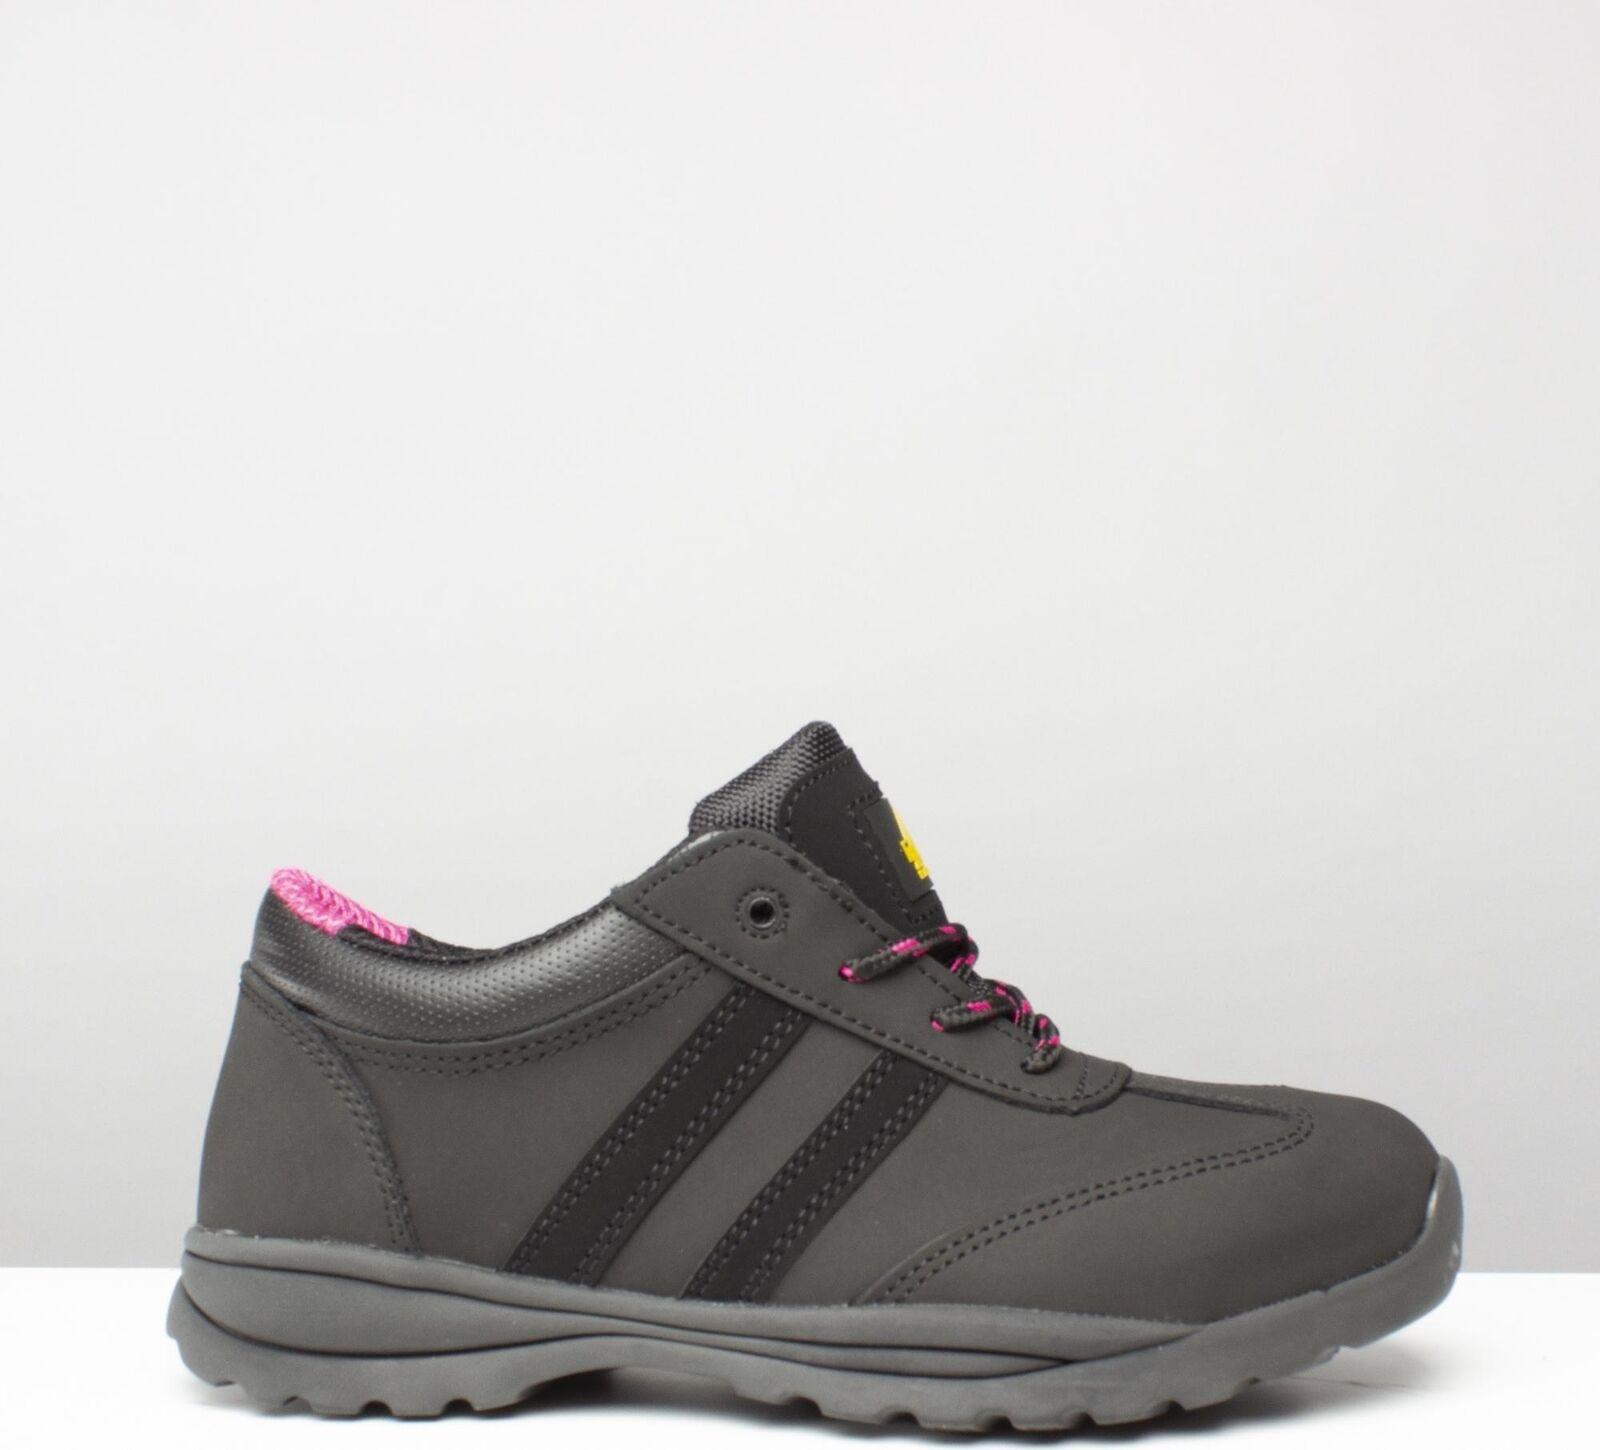 Amblers Safety FS706 Sophie Zapato de seguridad de cuero cuero cuero mujeres de las Señoras Zapatillas Negro  mejor servicio